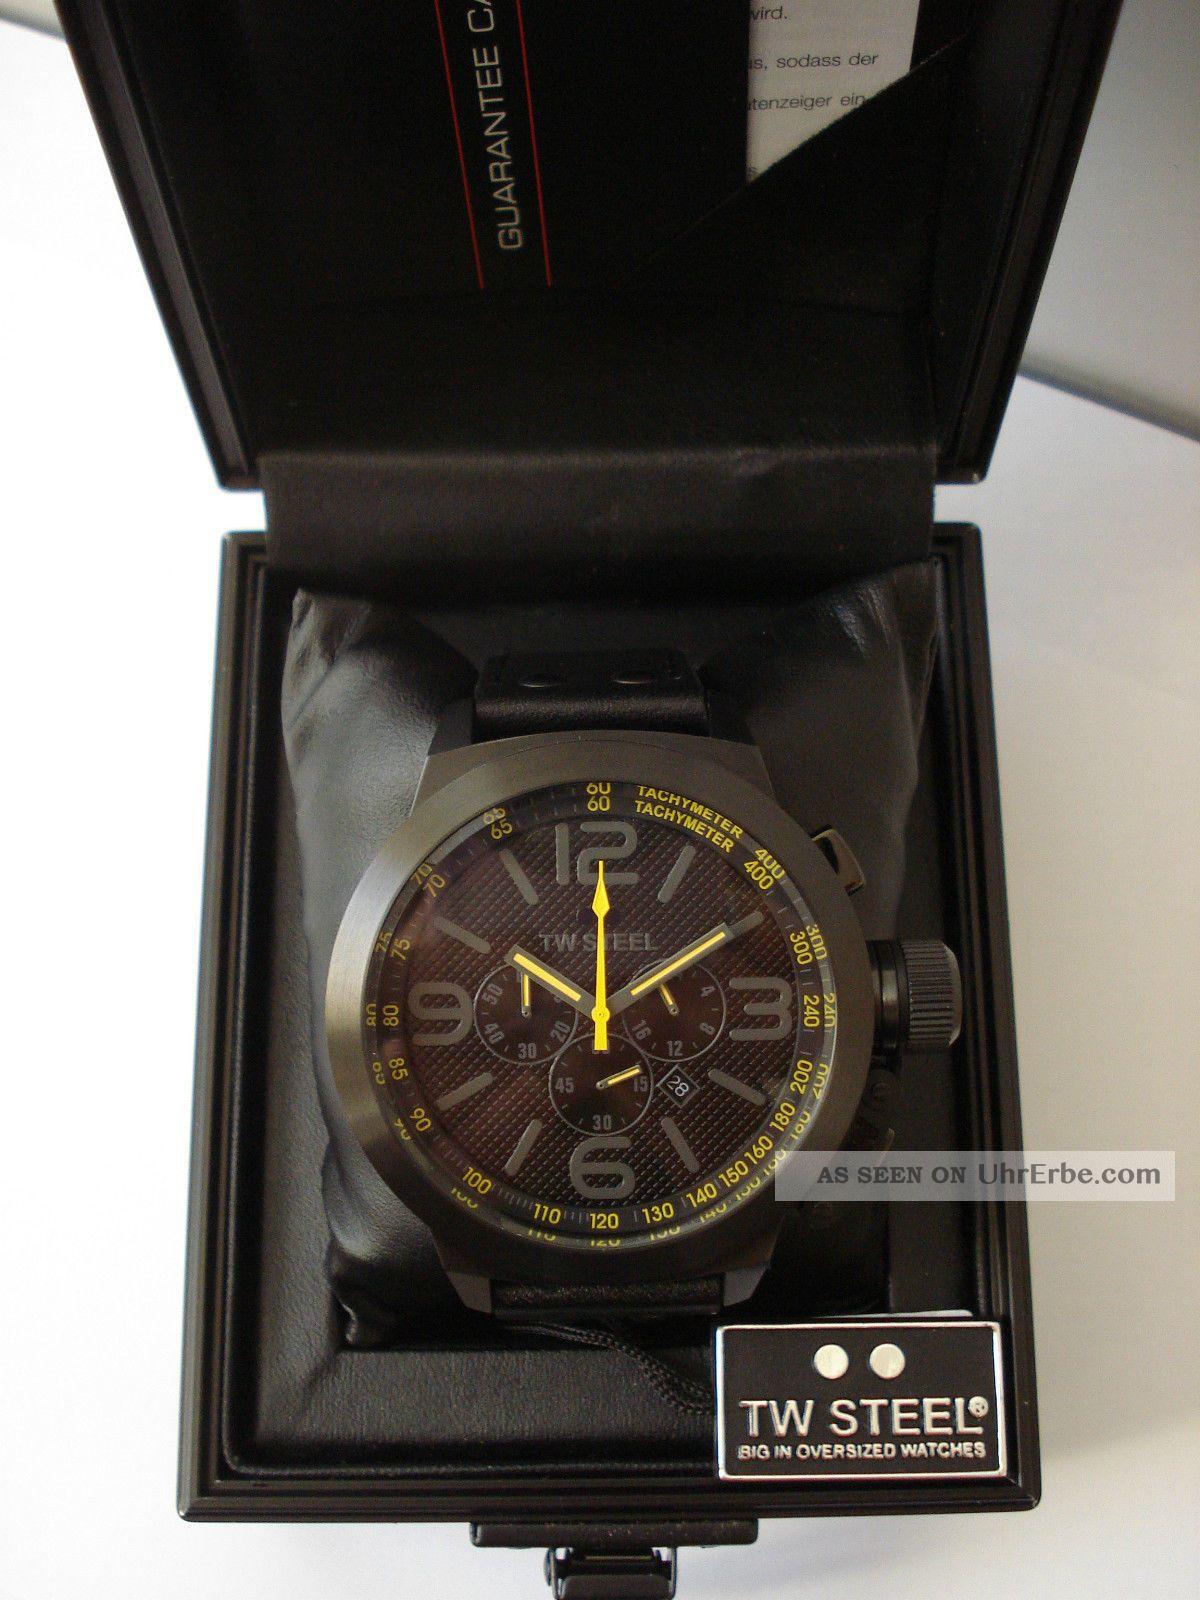 Tw Steel Tw - 901 Chronograph Herren Uhr 10 Atm Mit Etikett Armbanduhren Bild